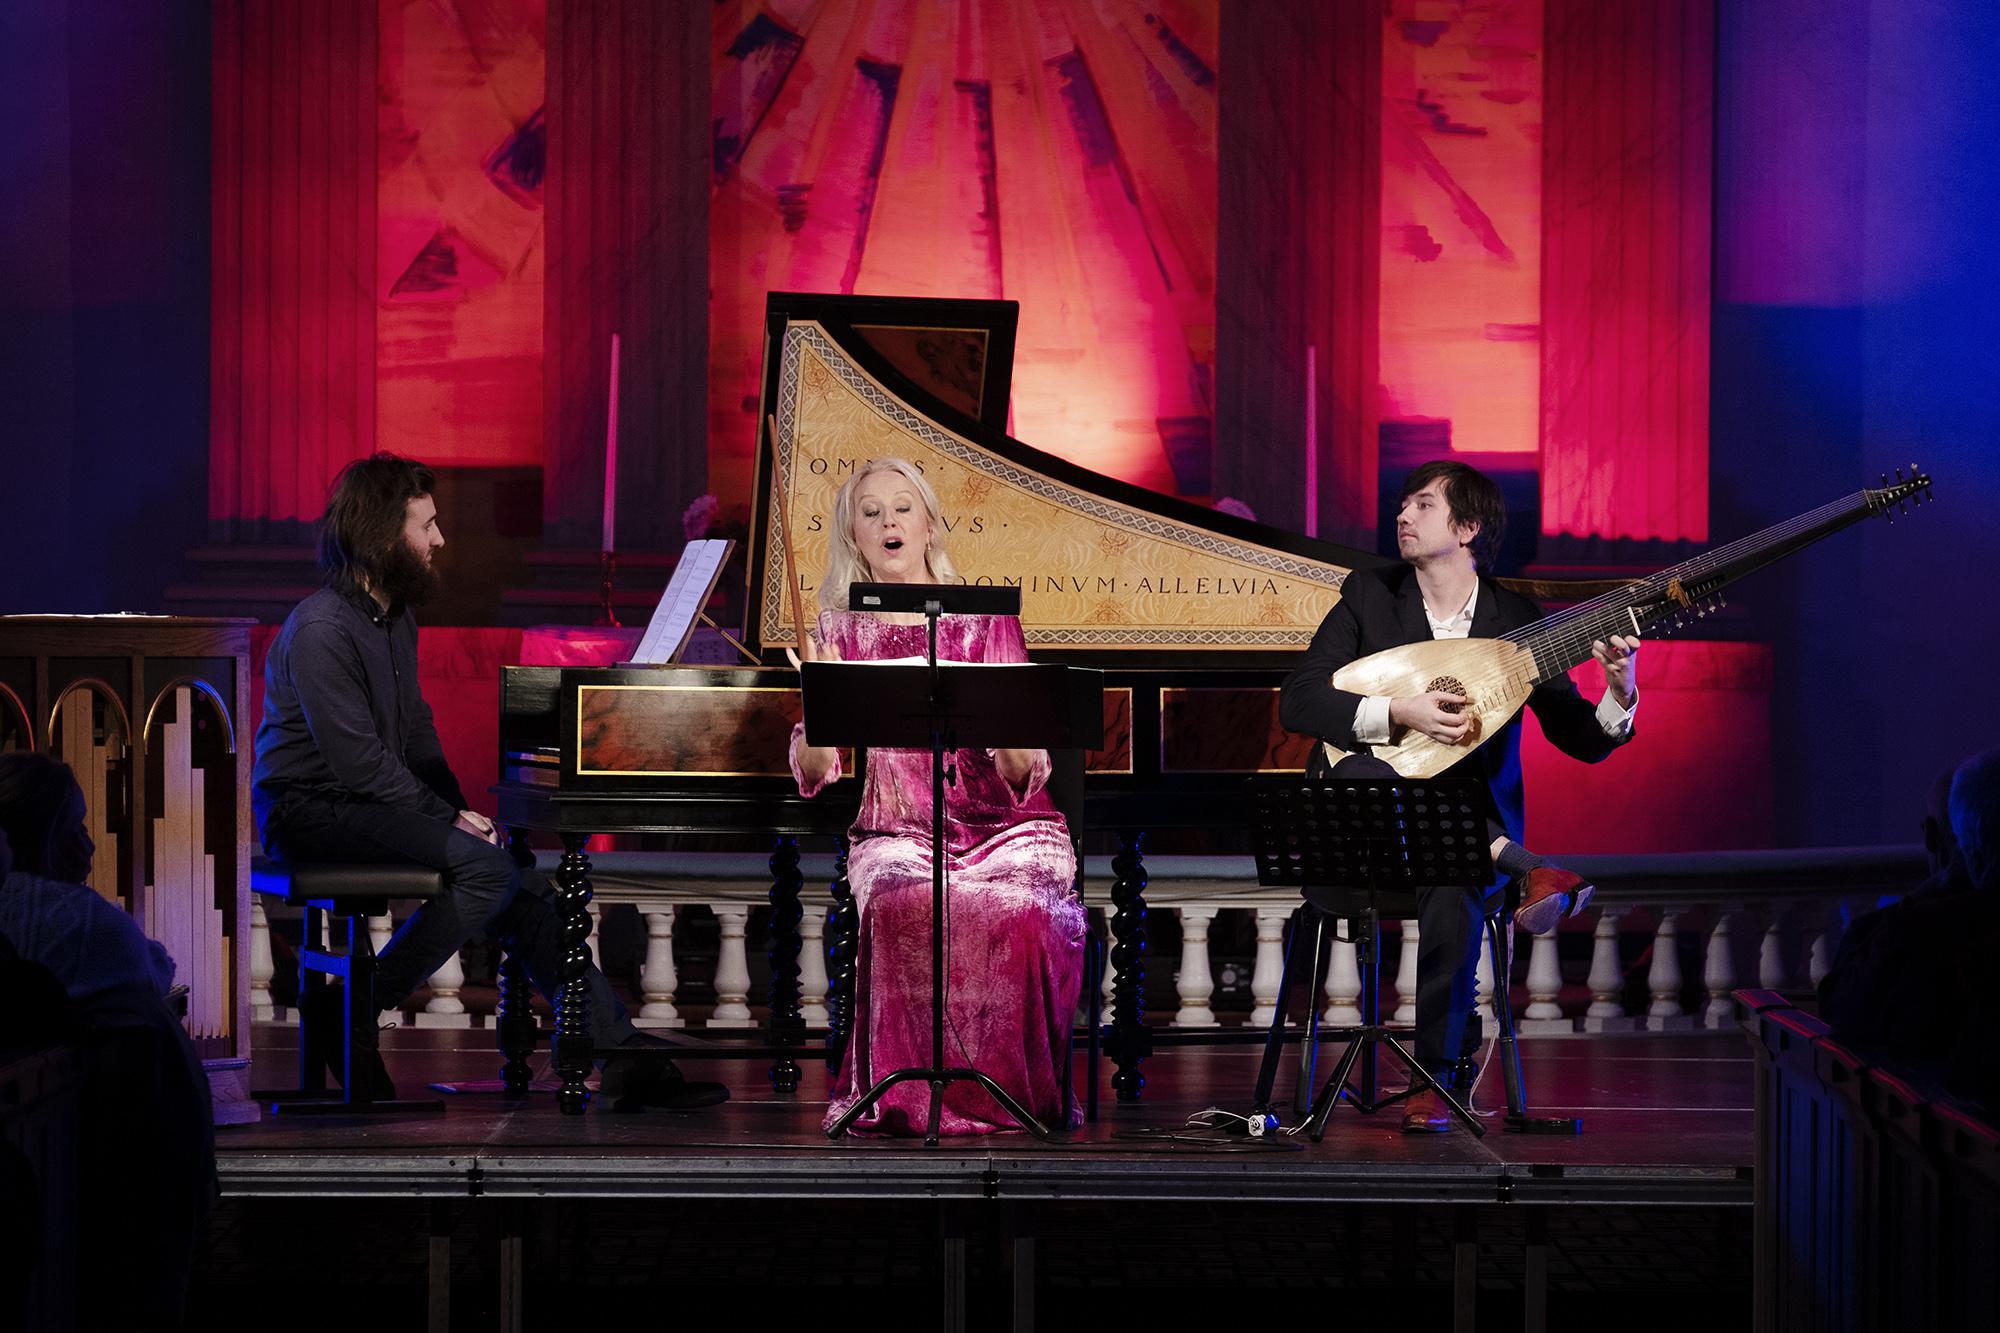 En trio spelar i en ljussatt kyrka